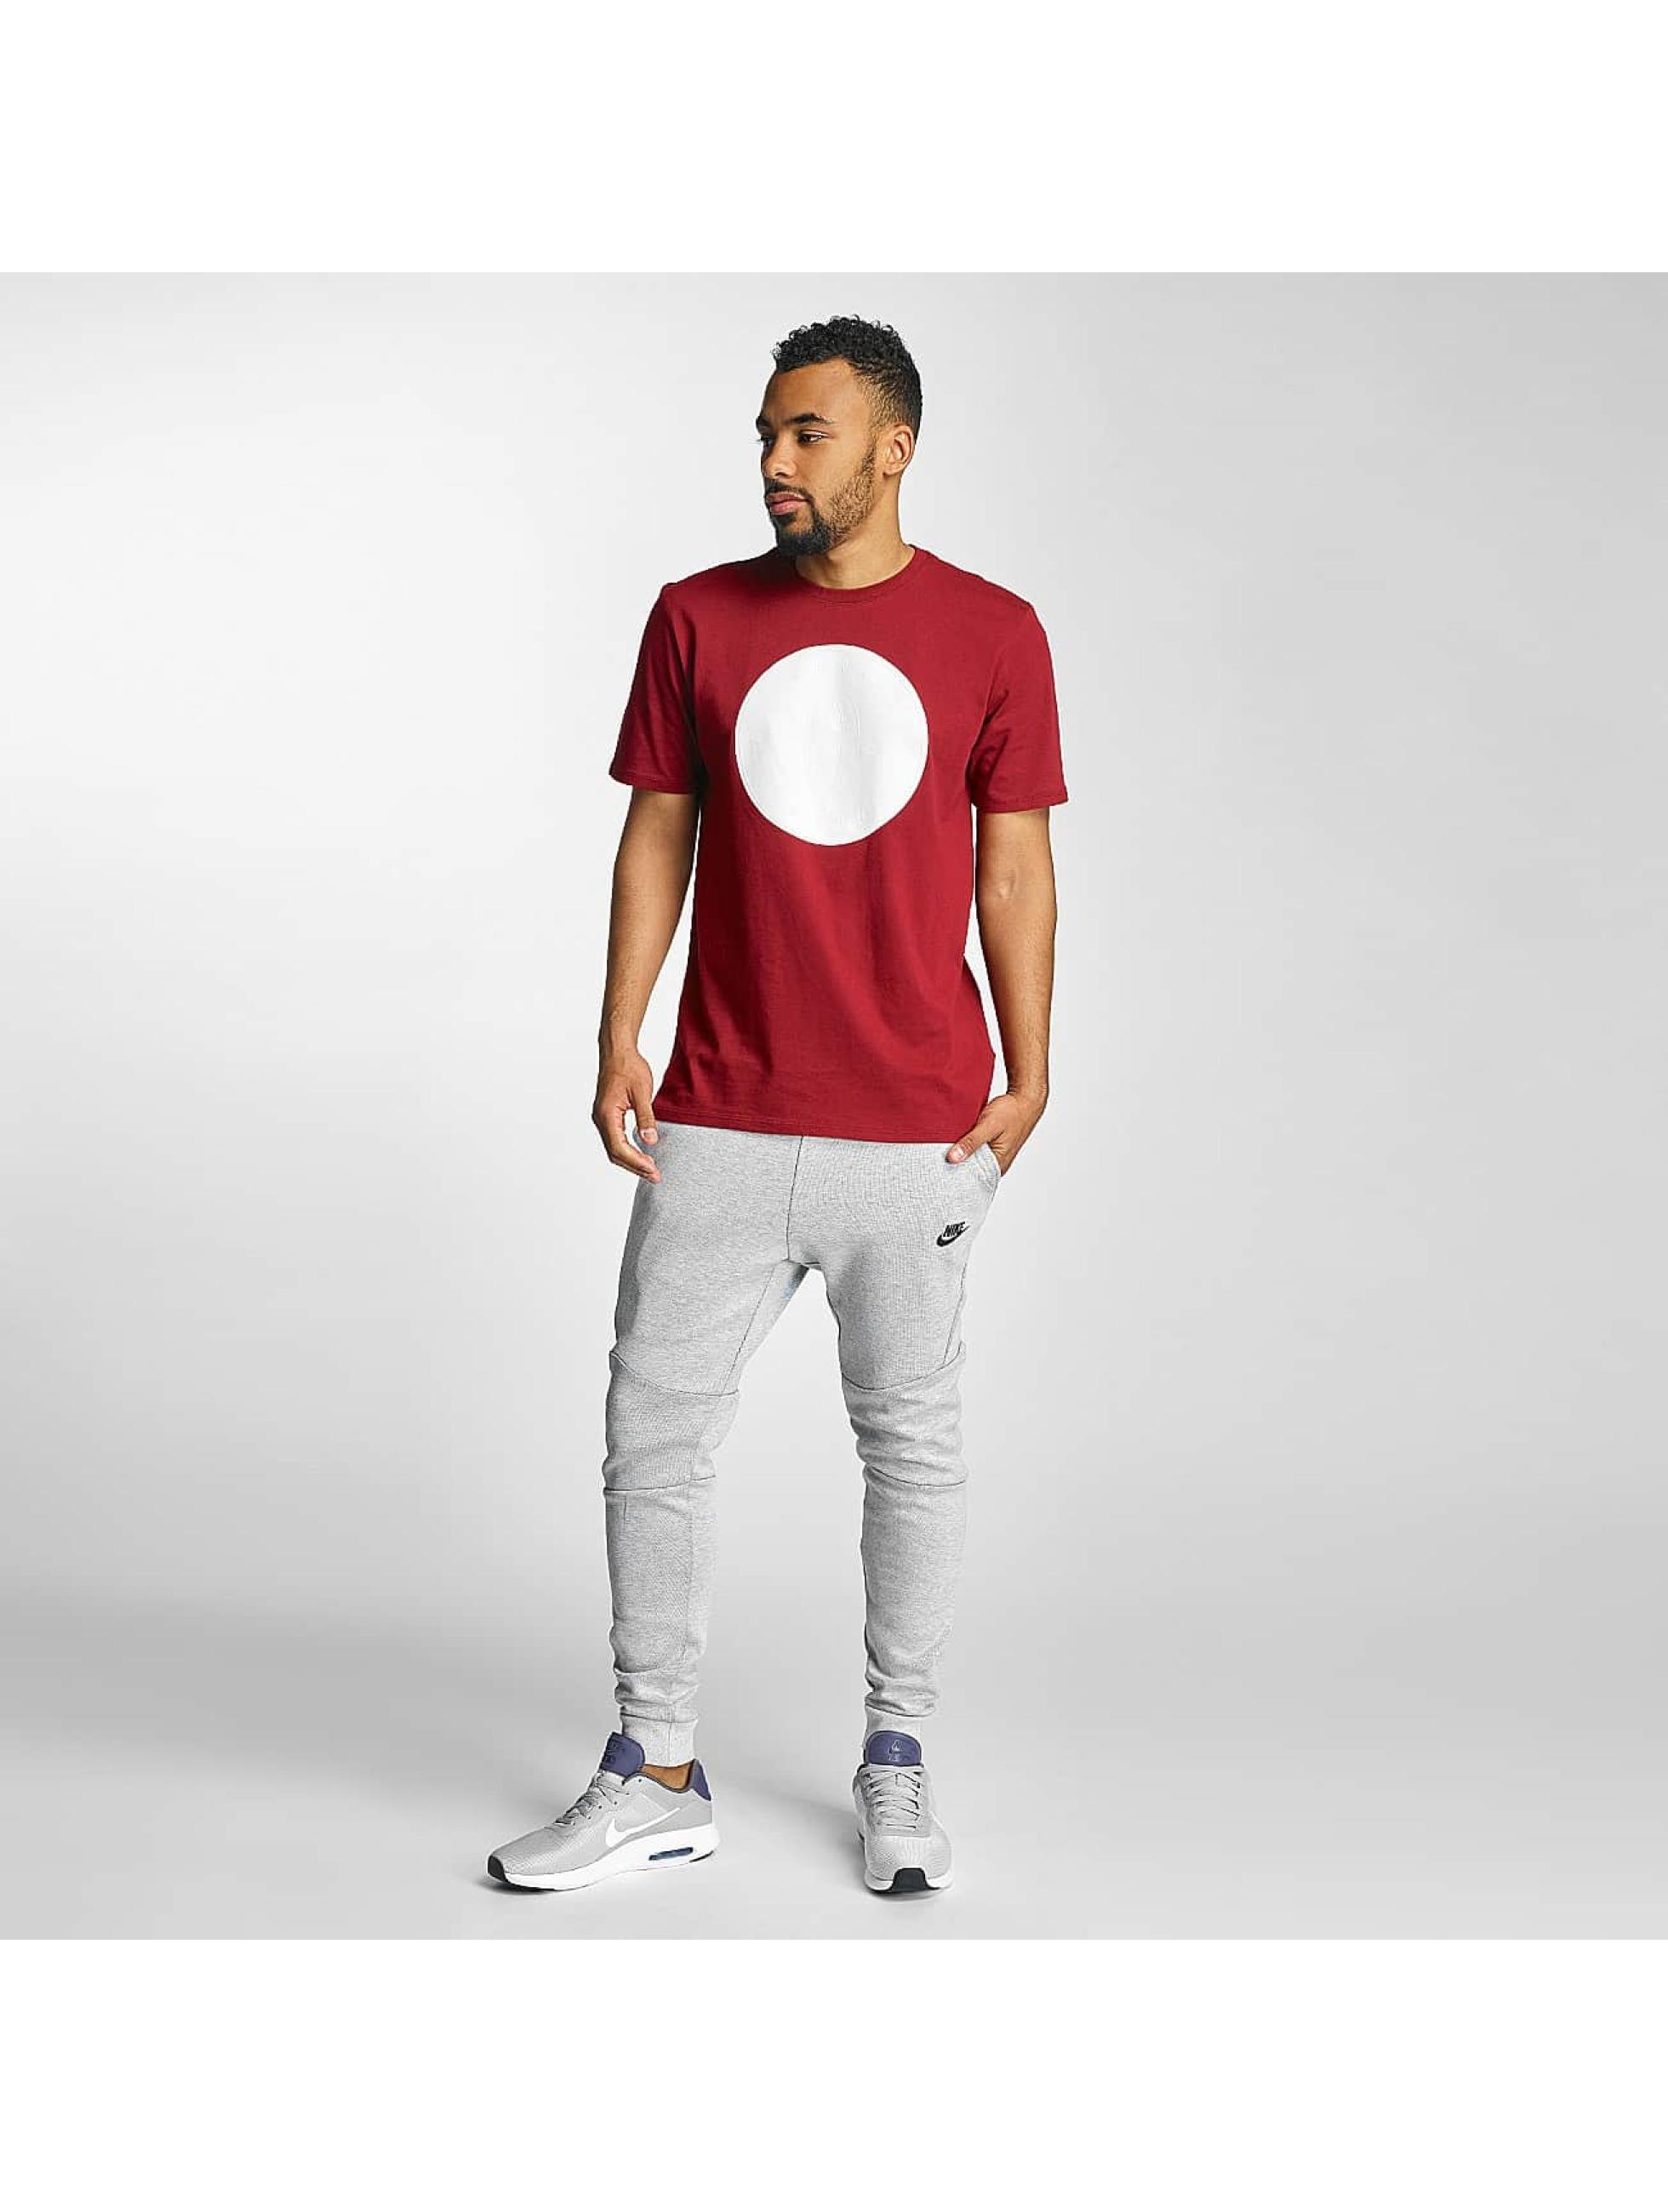 Nike T-Shirt NSW Huarache Logo red